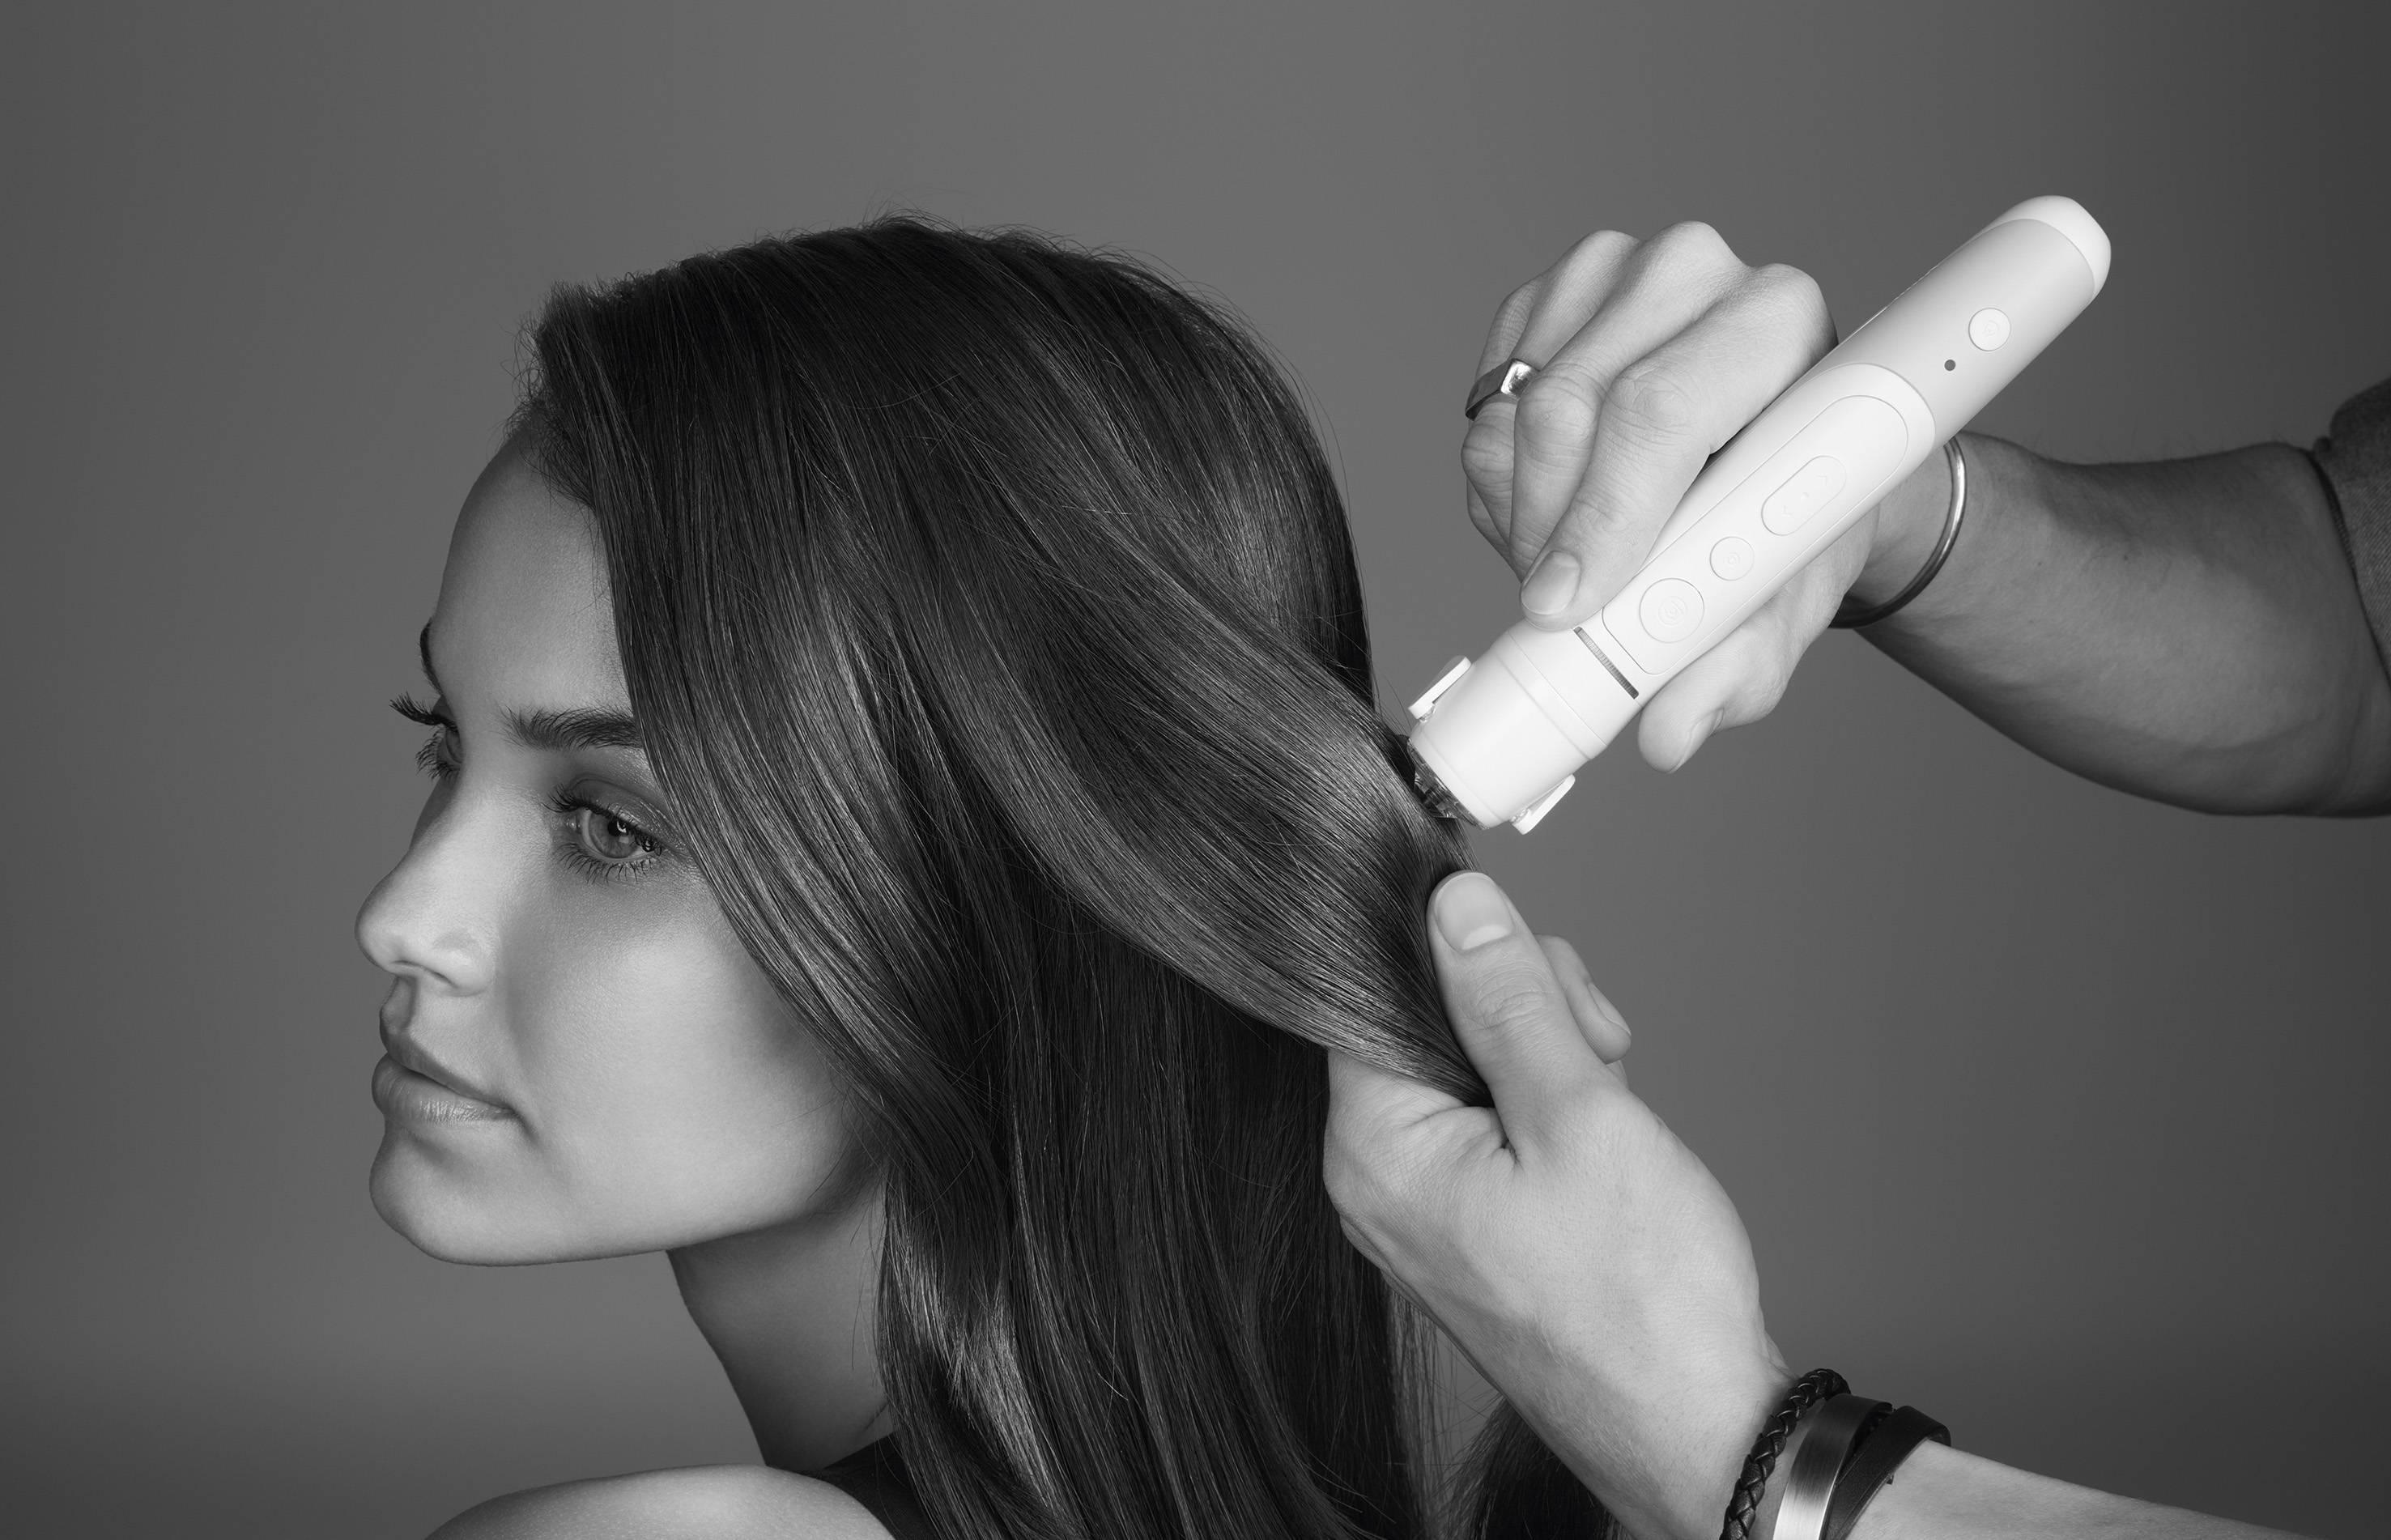 Diagnose Your Hair | Kérastase | retailbox.co.za